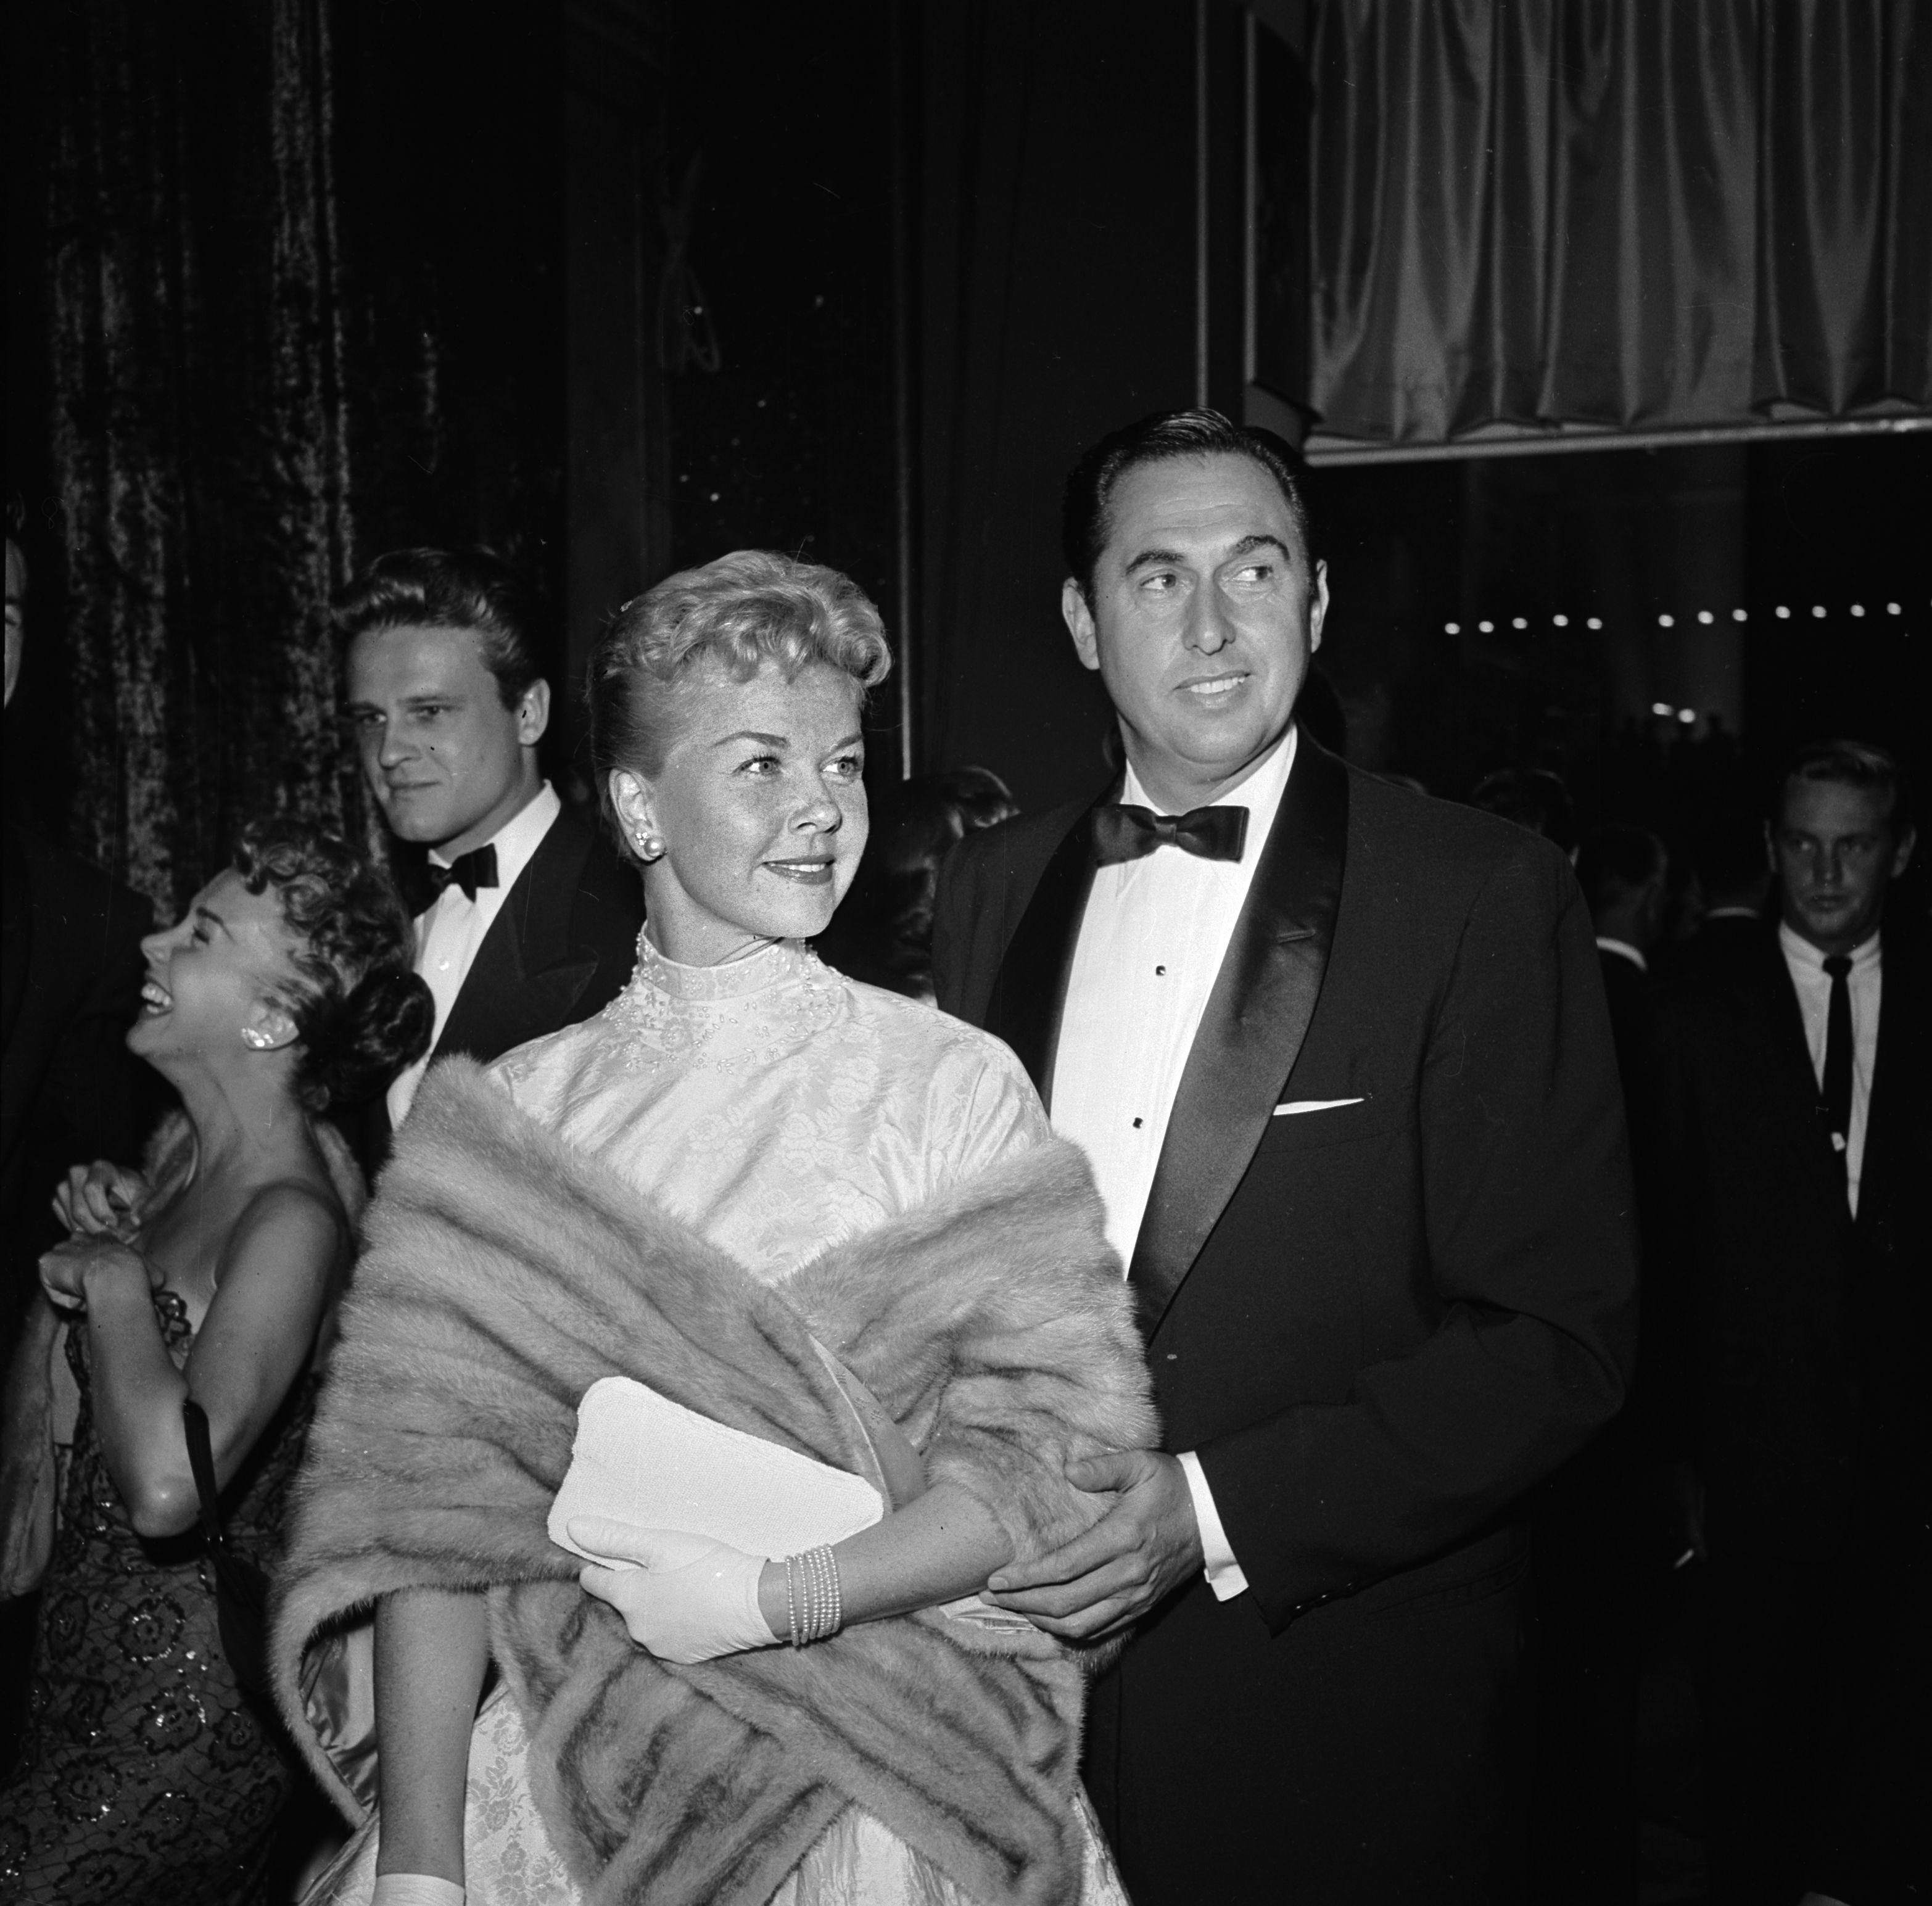 """Зрителите ще запомнят Дорис Дей с нейния контраалт, с ослепителната й красота и сияйна усмивка. В холивудската класика фигурират филми с нейно участие като """"Интимен разговор"""" (1959) и """"Магията на лукса"""" (1962), както и песента й """"Whatever Will Be, Will Be (Que Sera, Sera)"""" от филма на Алфред Хичкок """"Човекът, който знаеше твърде много"""" (1956)."""